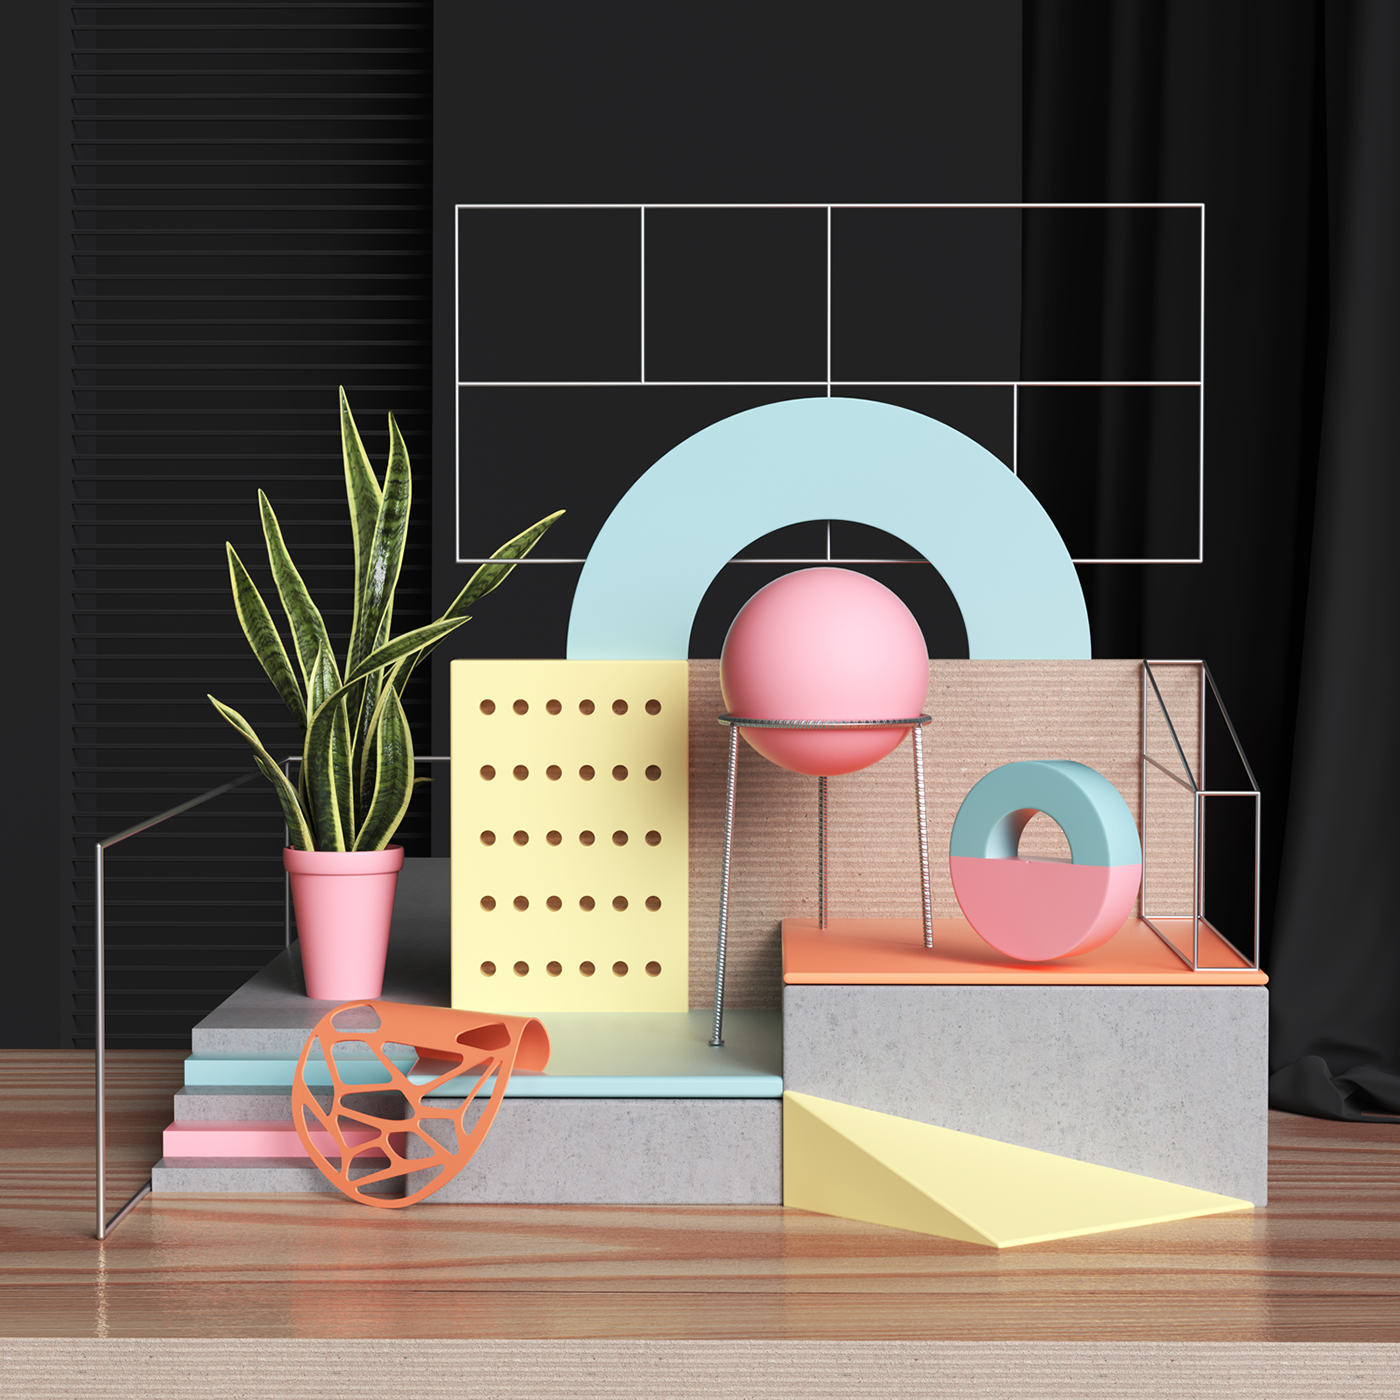 Тренды дизайна в 2018: прогноз и реальность - 3